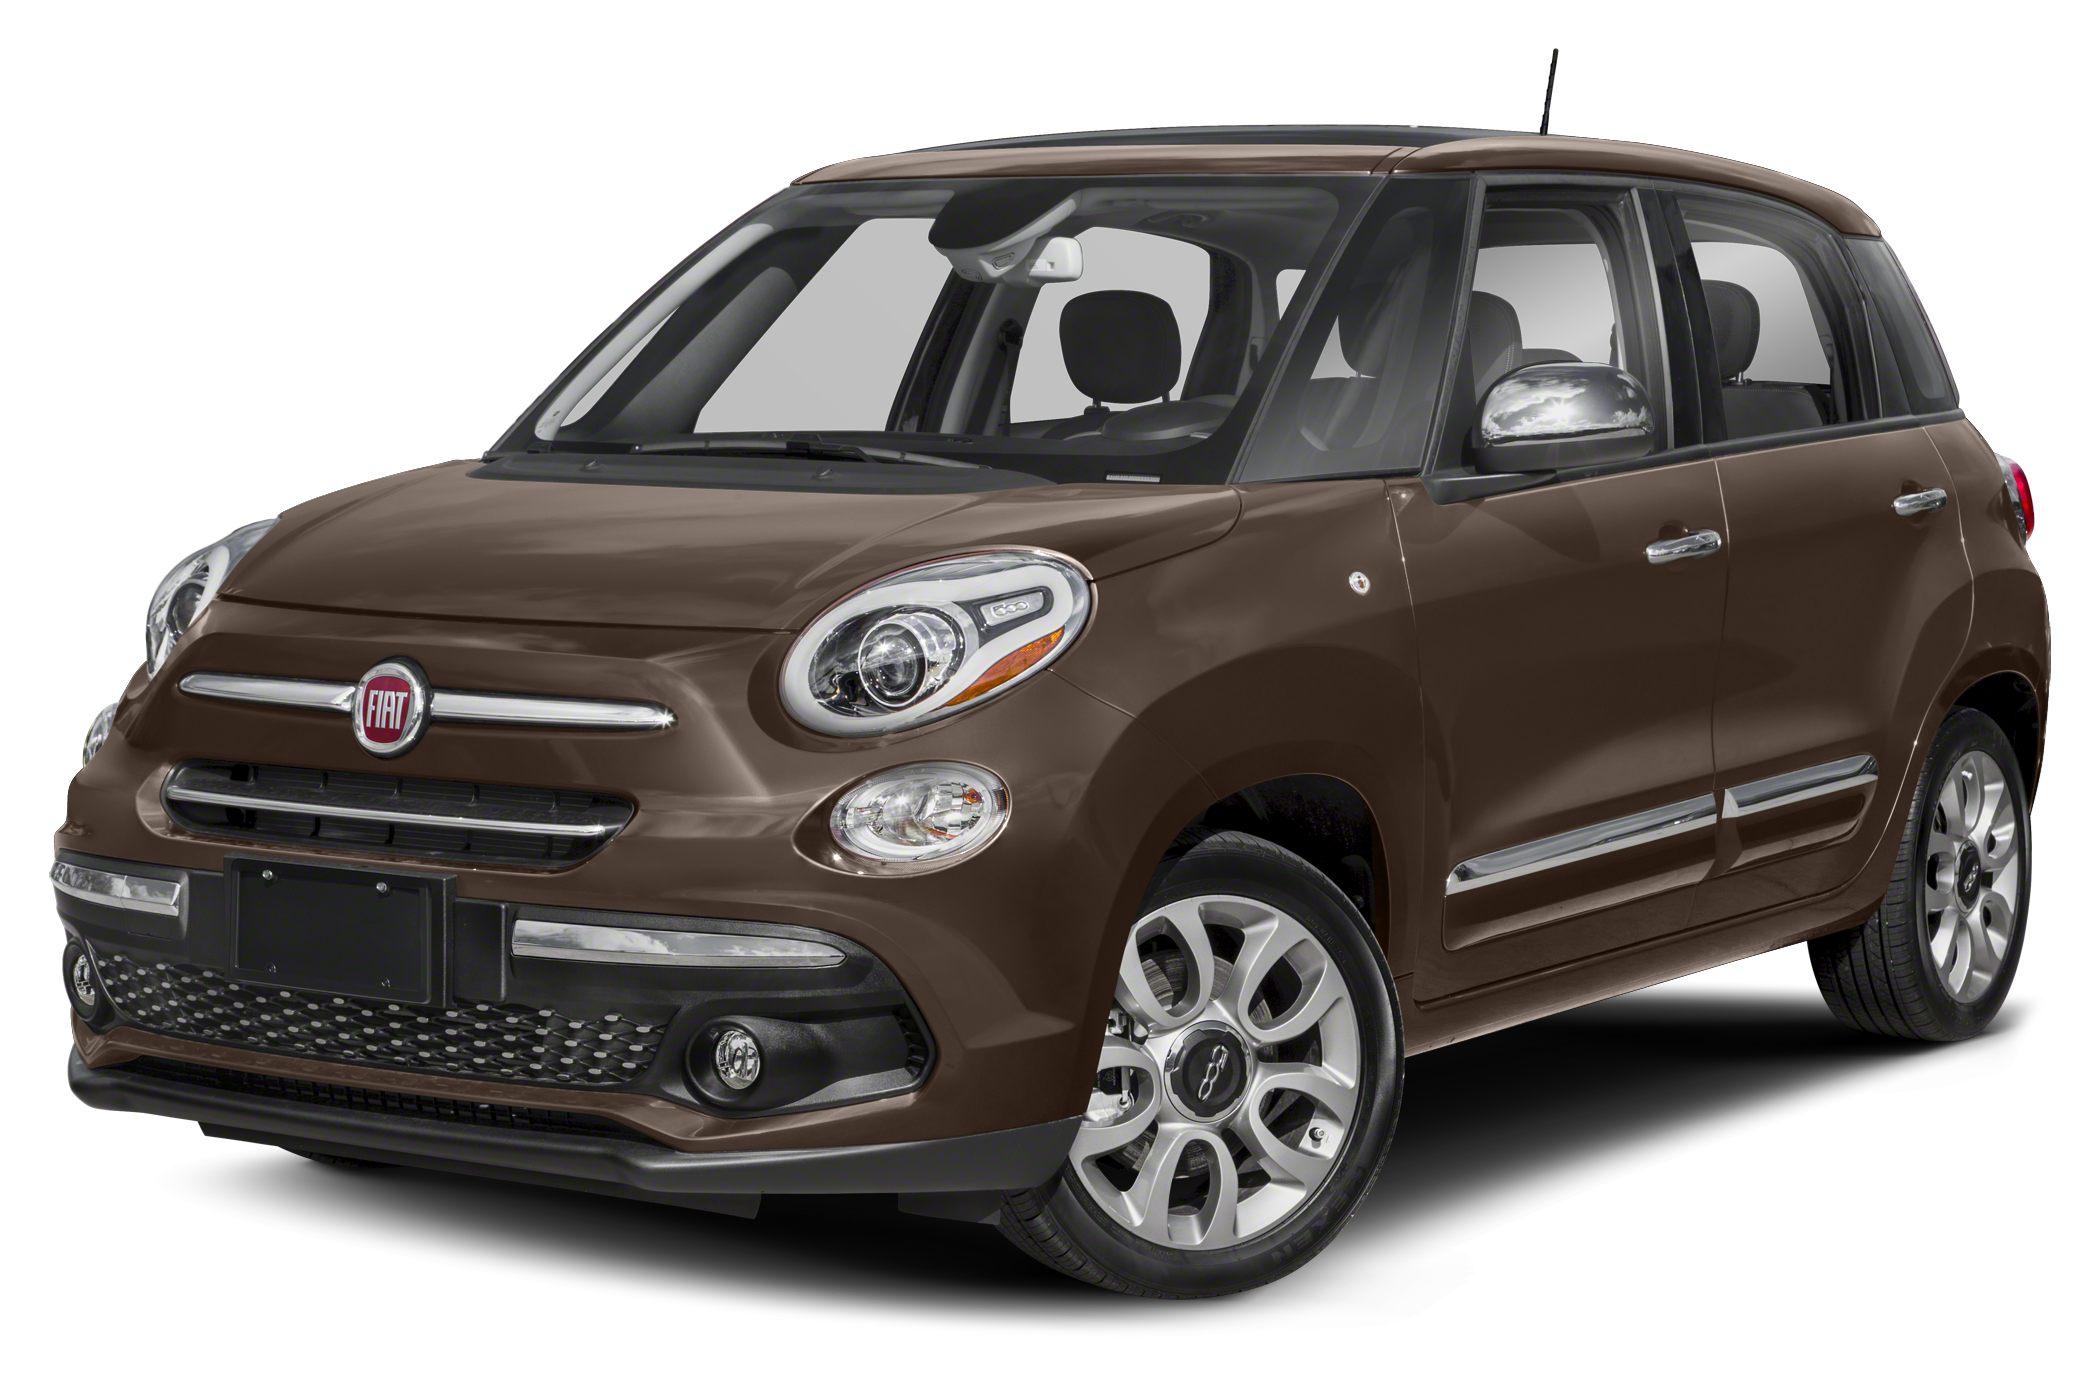 2018 Fiat 500l Trekking 4dr Hatchback Pictures